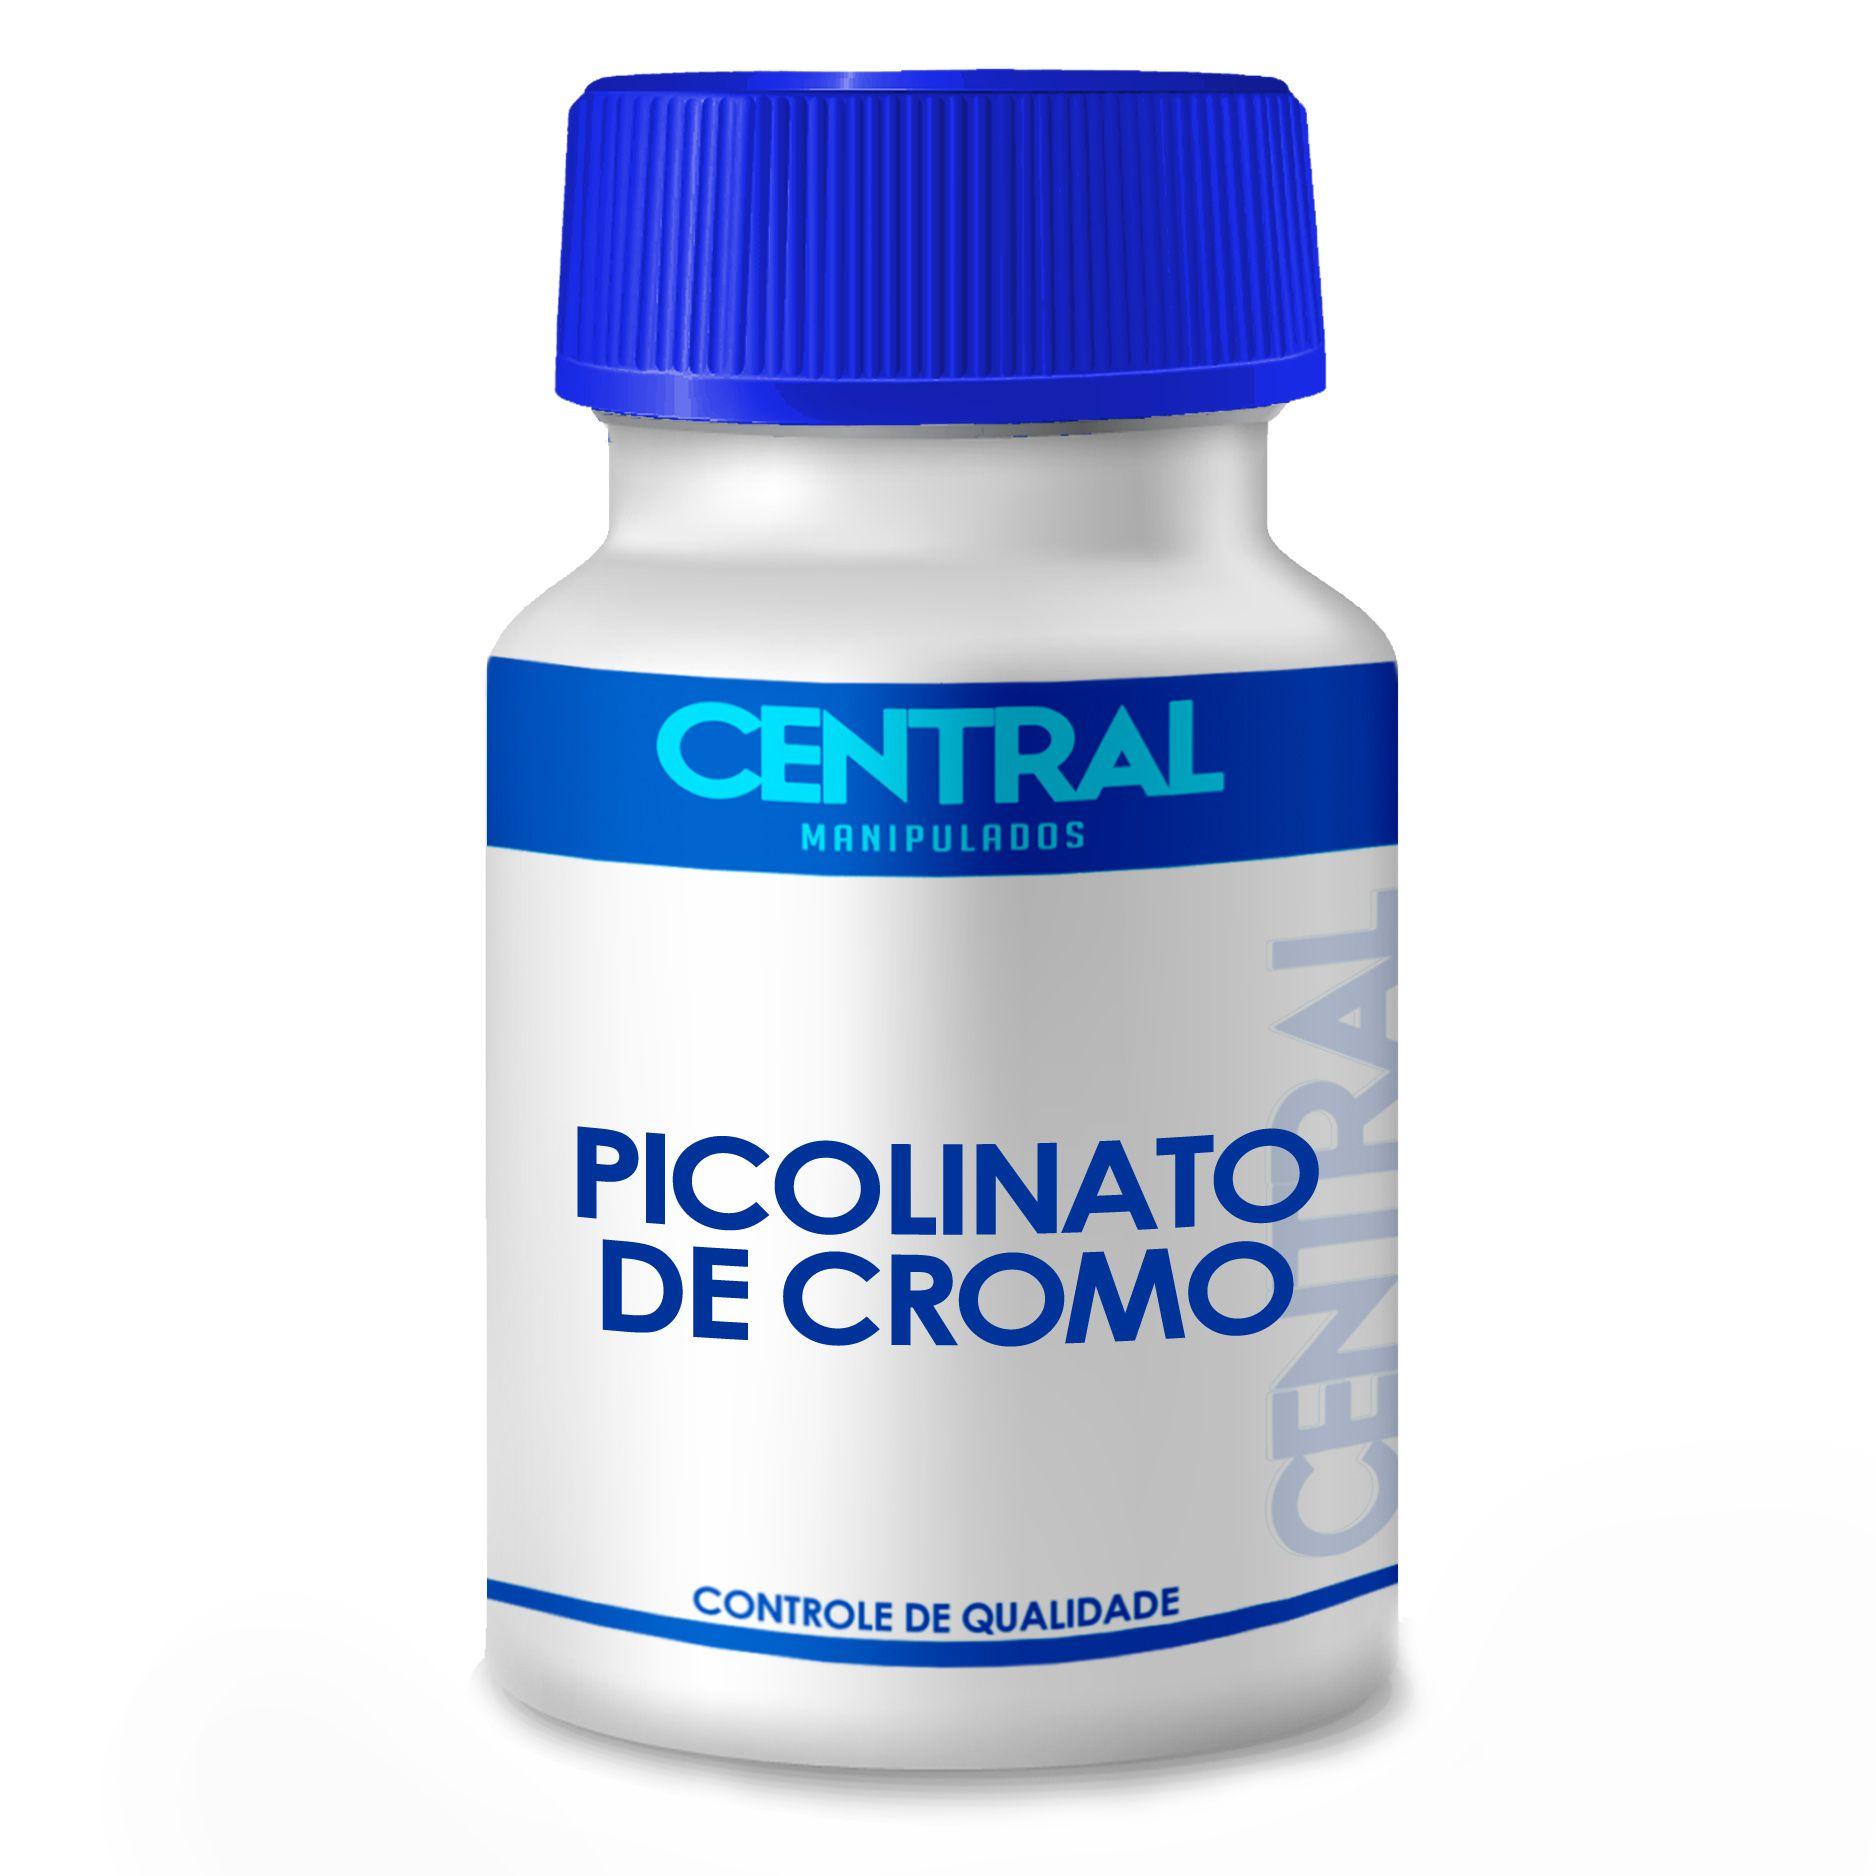 Picolinato de Cromo - Reduz Vontade por Doces - 350mcg 240 cápsulas